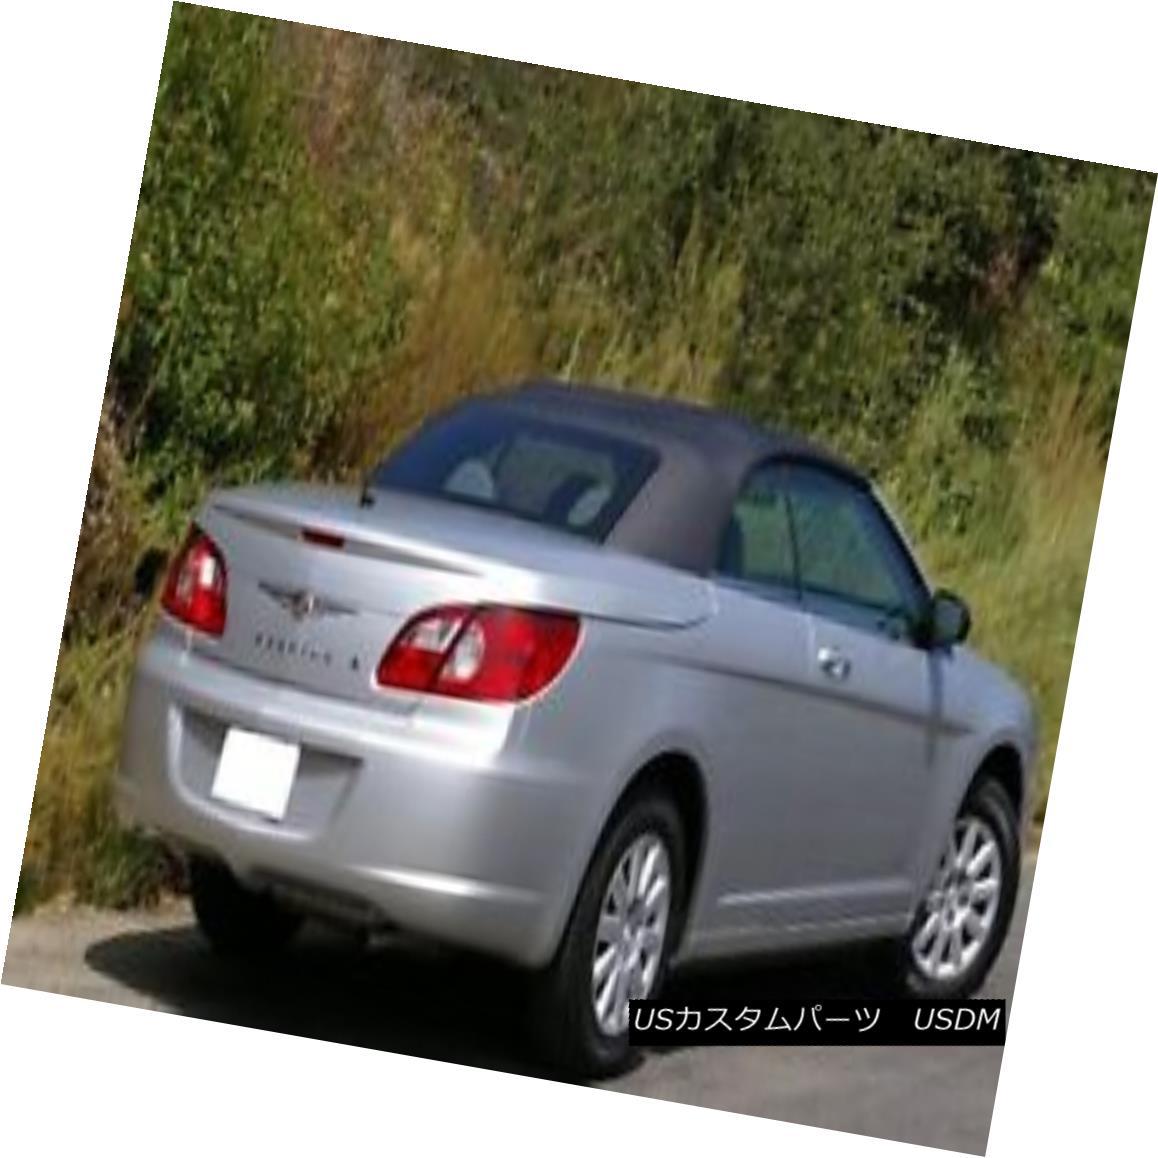 幌・ソフトトップ 2007-2011 NEW Chrysler Sebring Convertible Soft Top Replacement 2007-2011 NEWクライスラーセブリングコンバーチブルソフトトップ交換